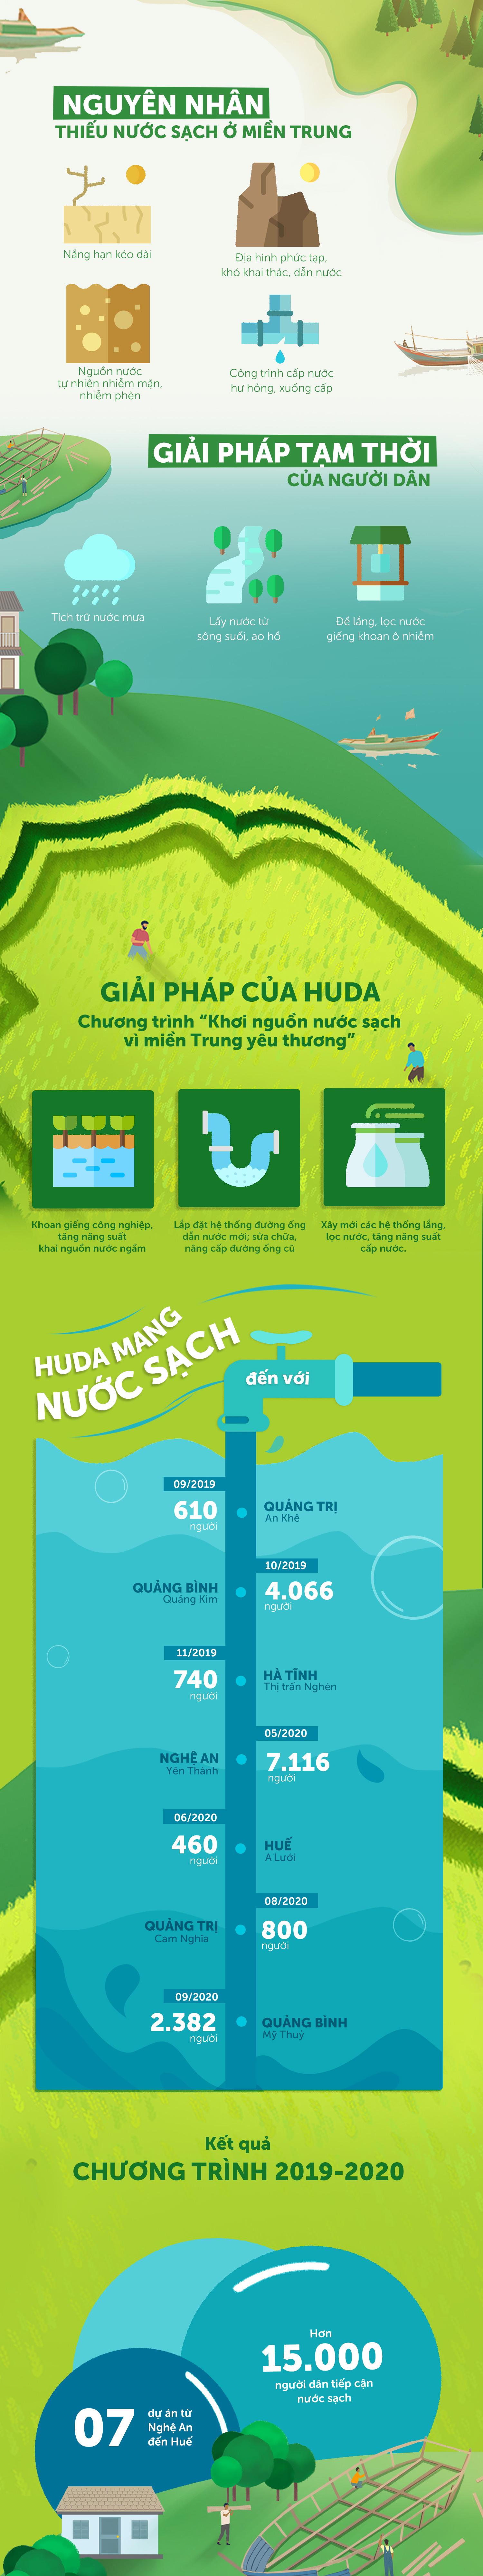 Huda mang nước sạch đến với 15.000 người tại miền Trung